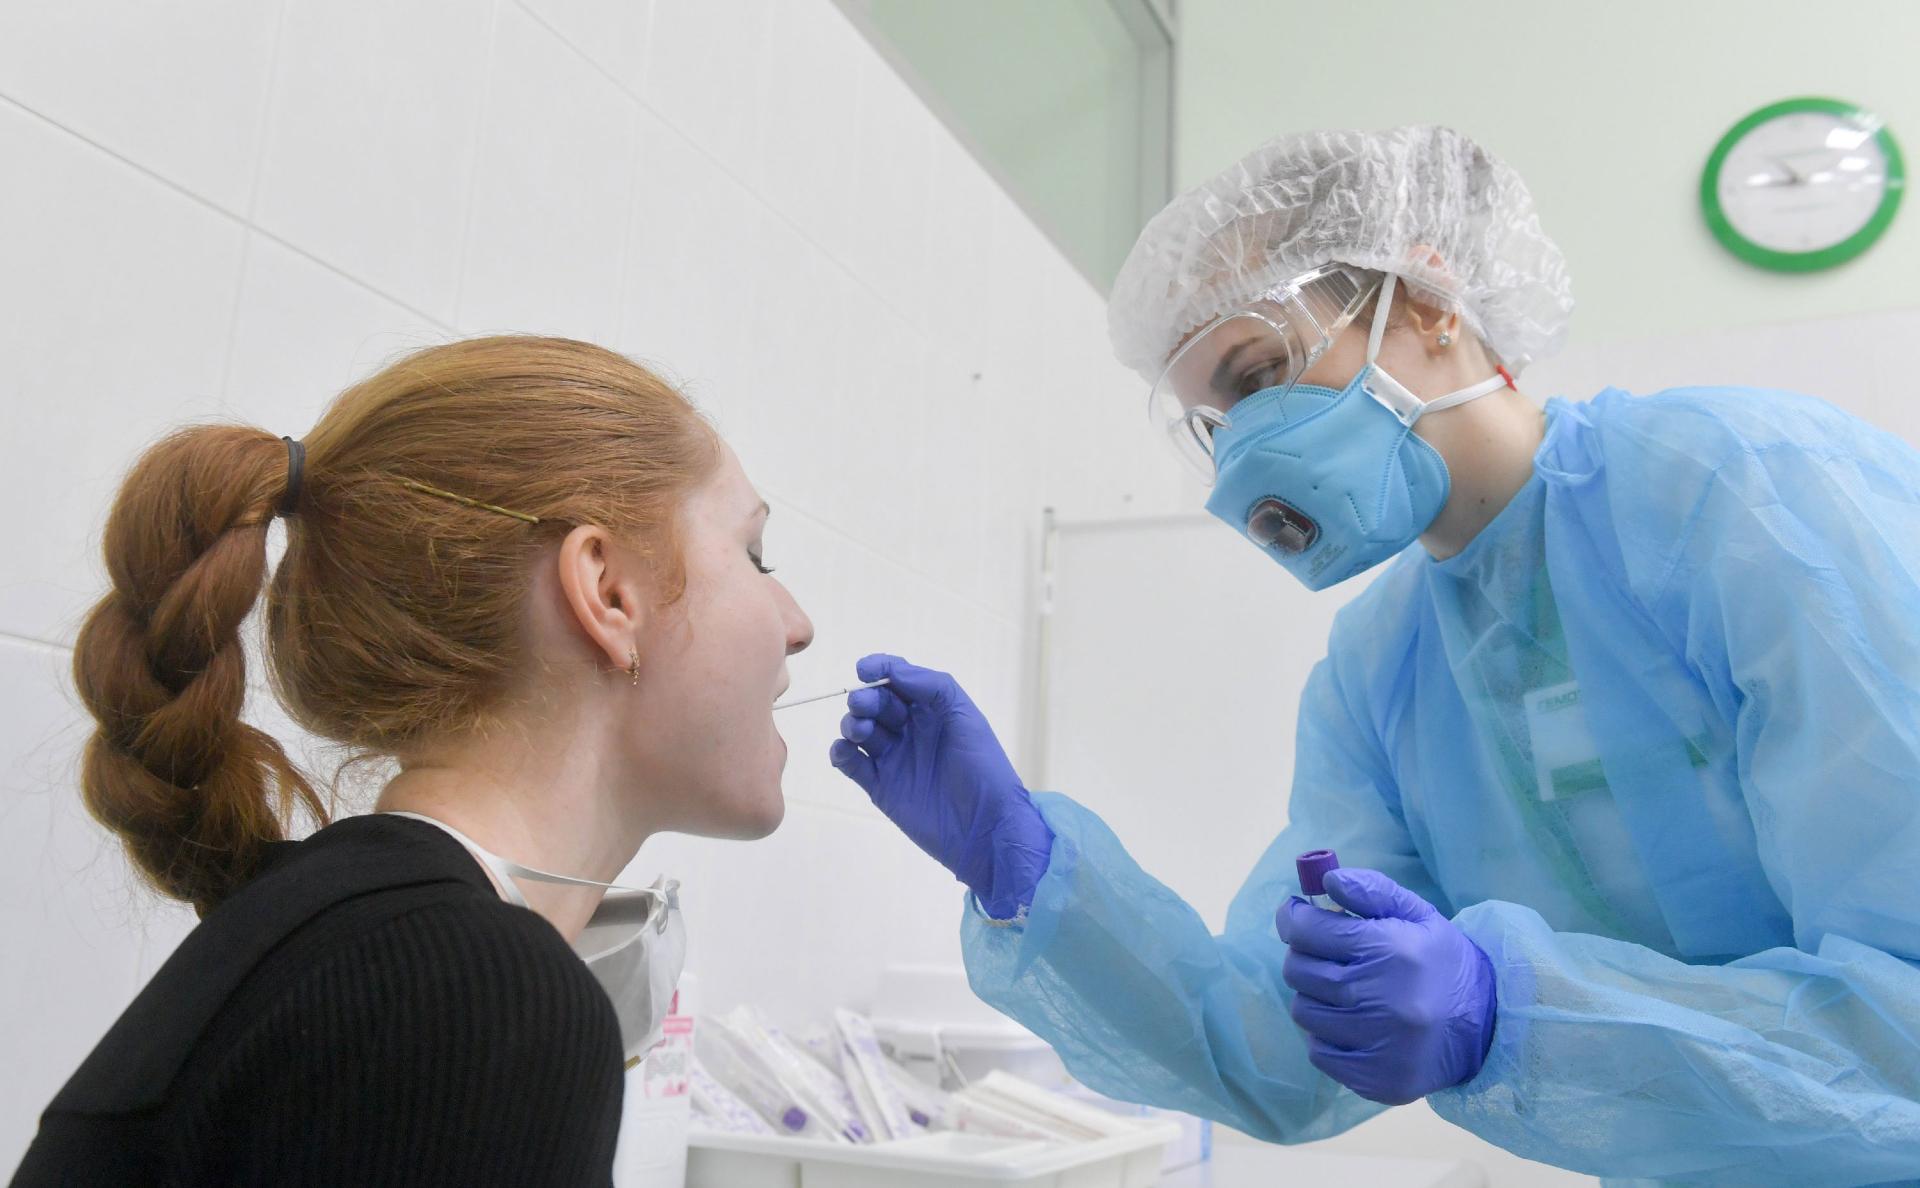 Где могут потребовать справку о коронавирусе, и как ее получить